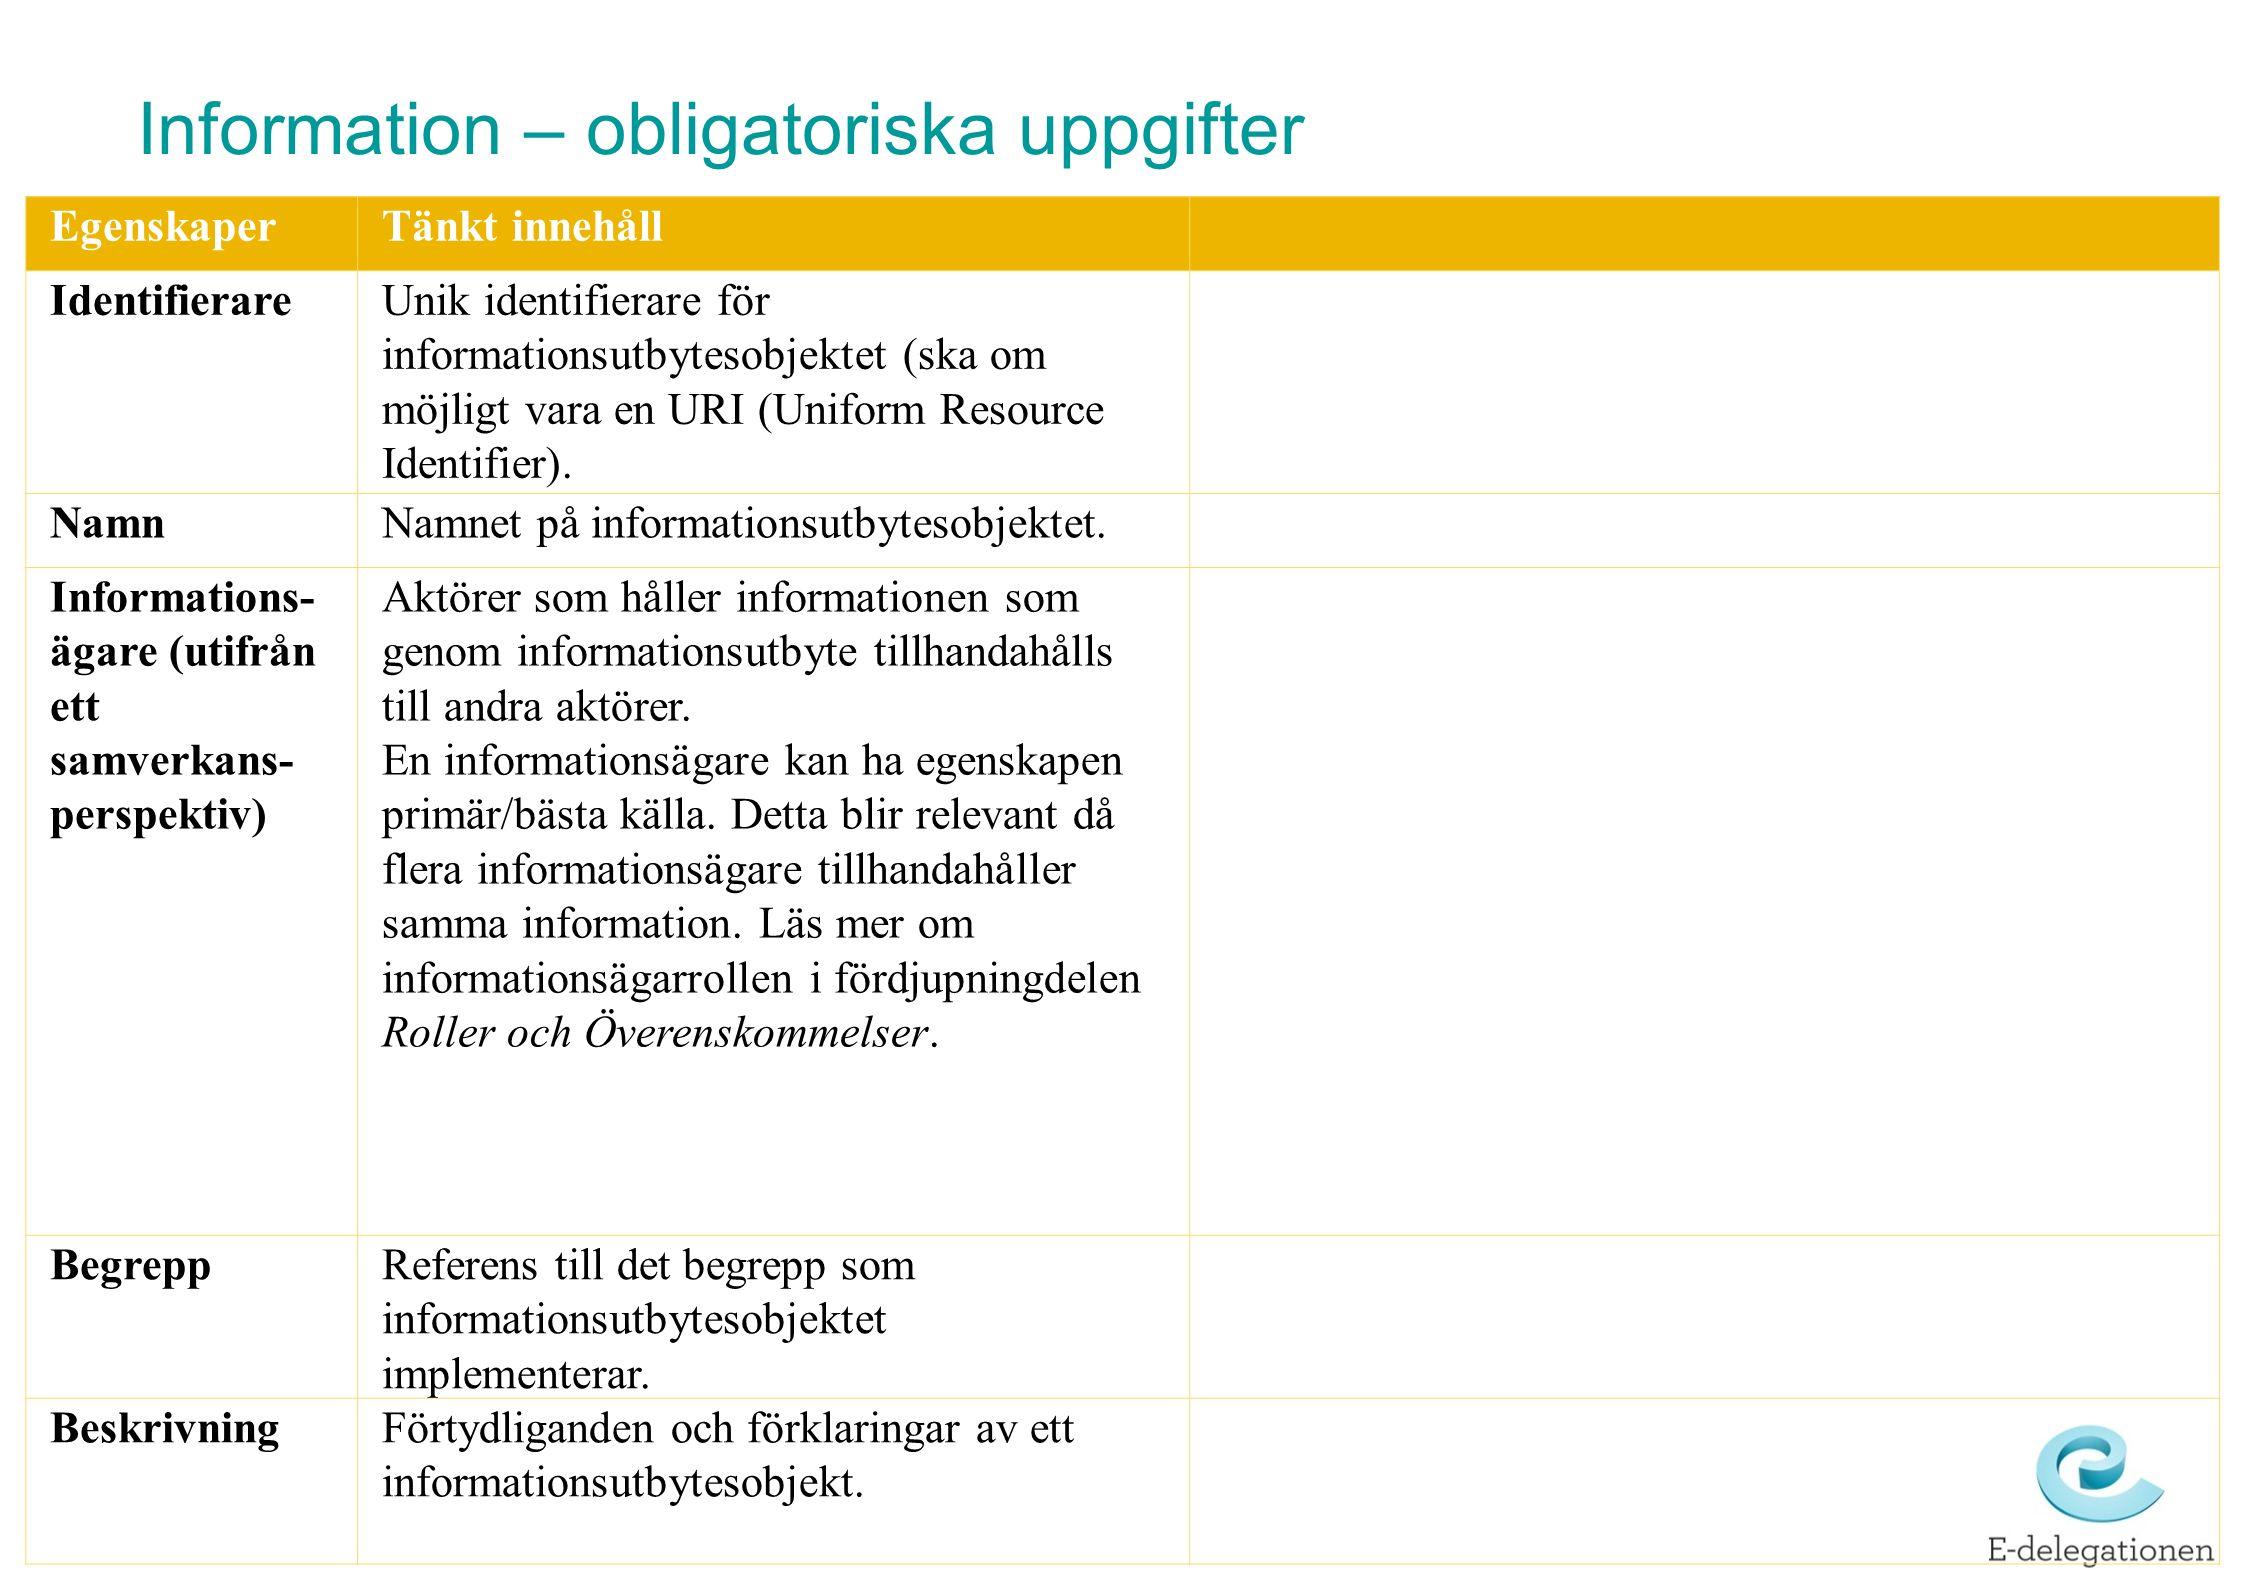 EgenskaperTänkt innehåll IdentifierareUnik identifierare för informationsutbytesobjektet (ska om möjligt vara en URI (Uniform Resource Identifier).